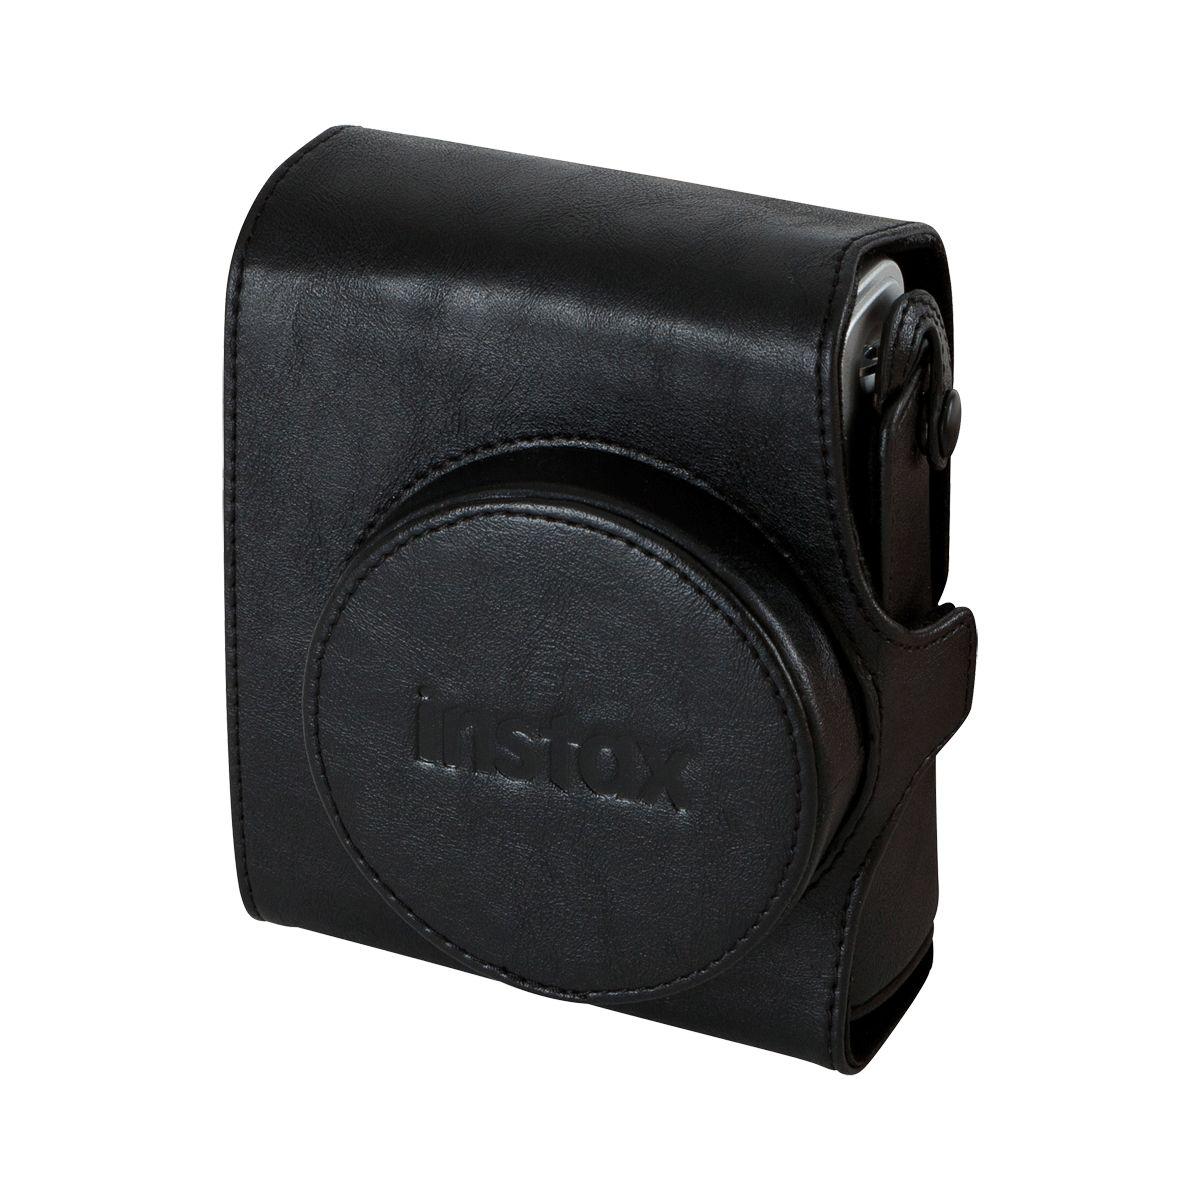 Housse FUJI Instax mini 90 Noir